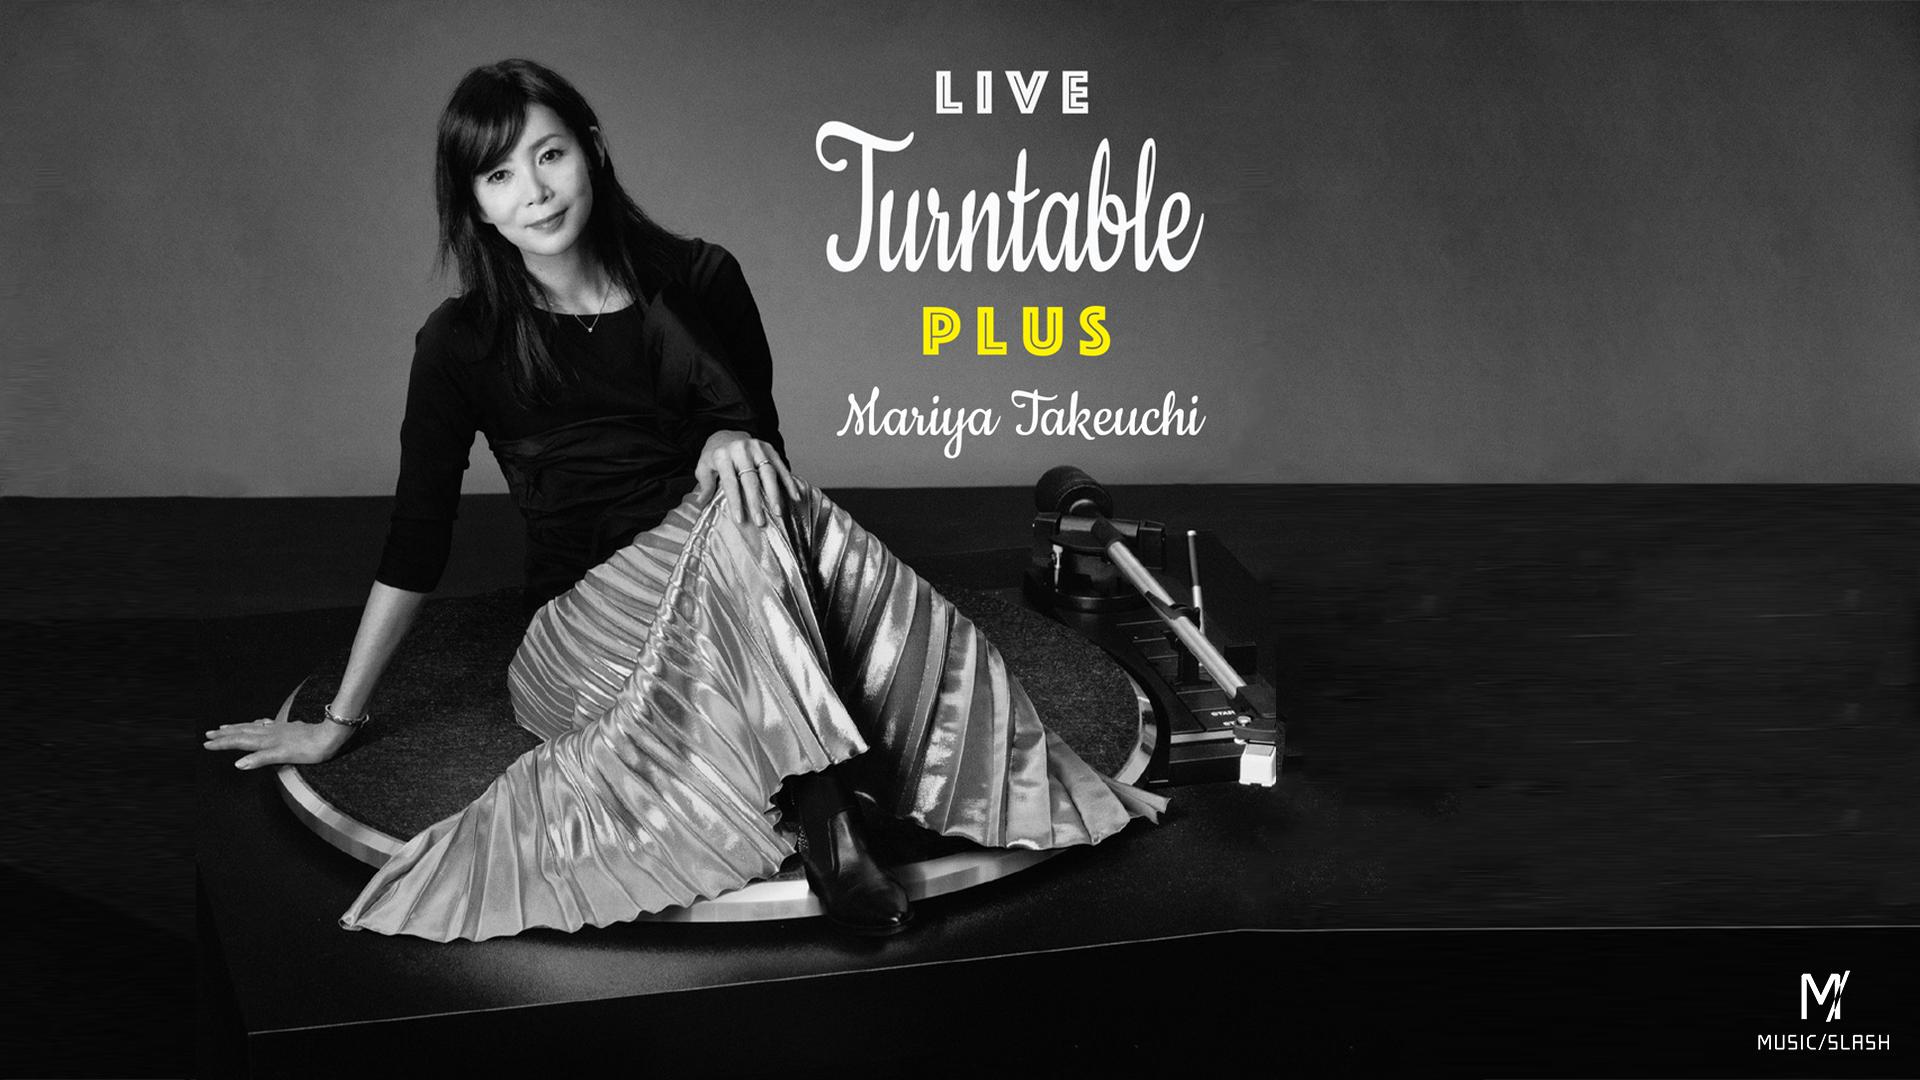 竹内まりや LIVE Turntable Plus